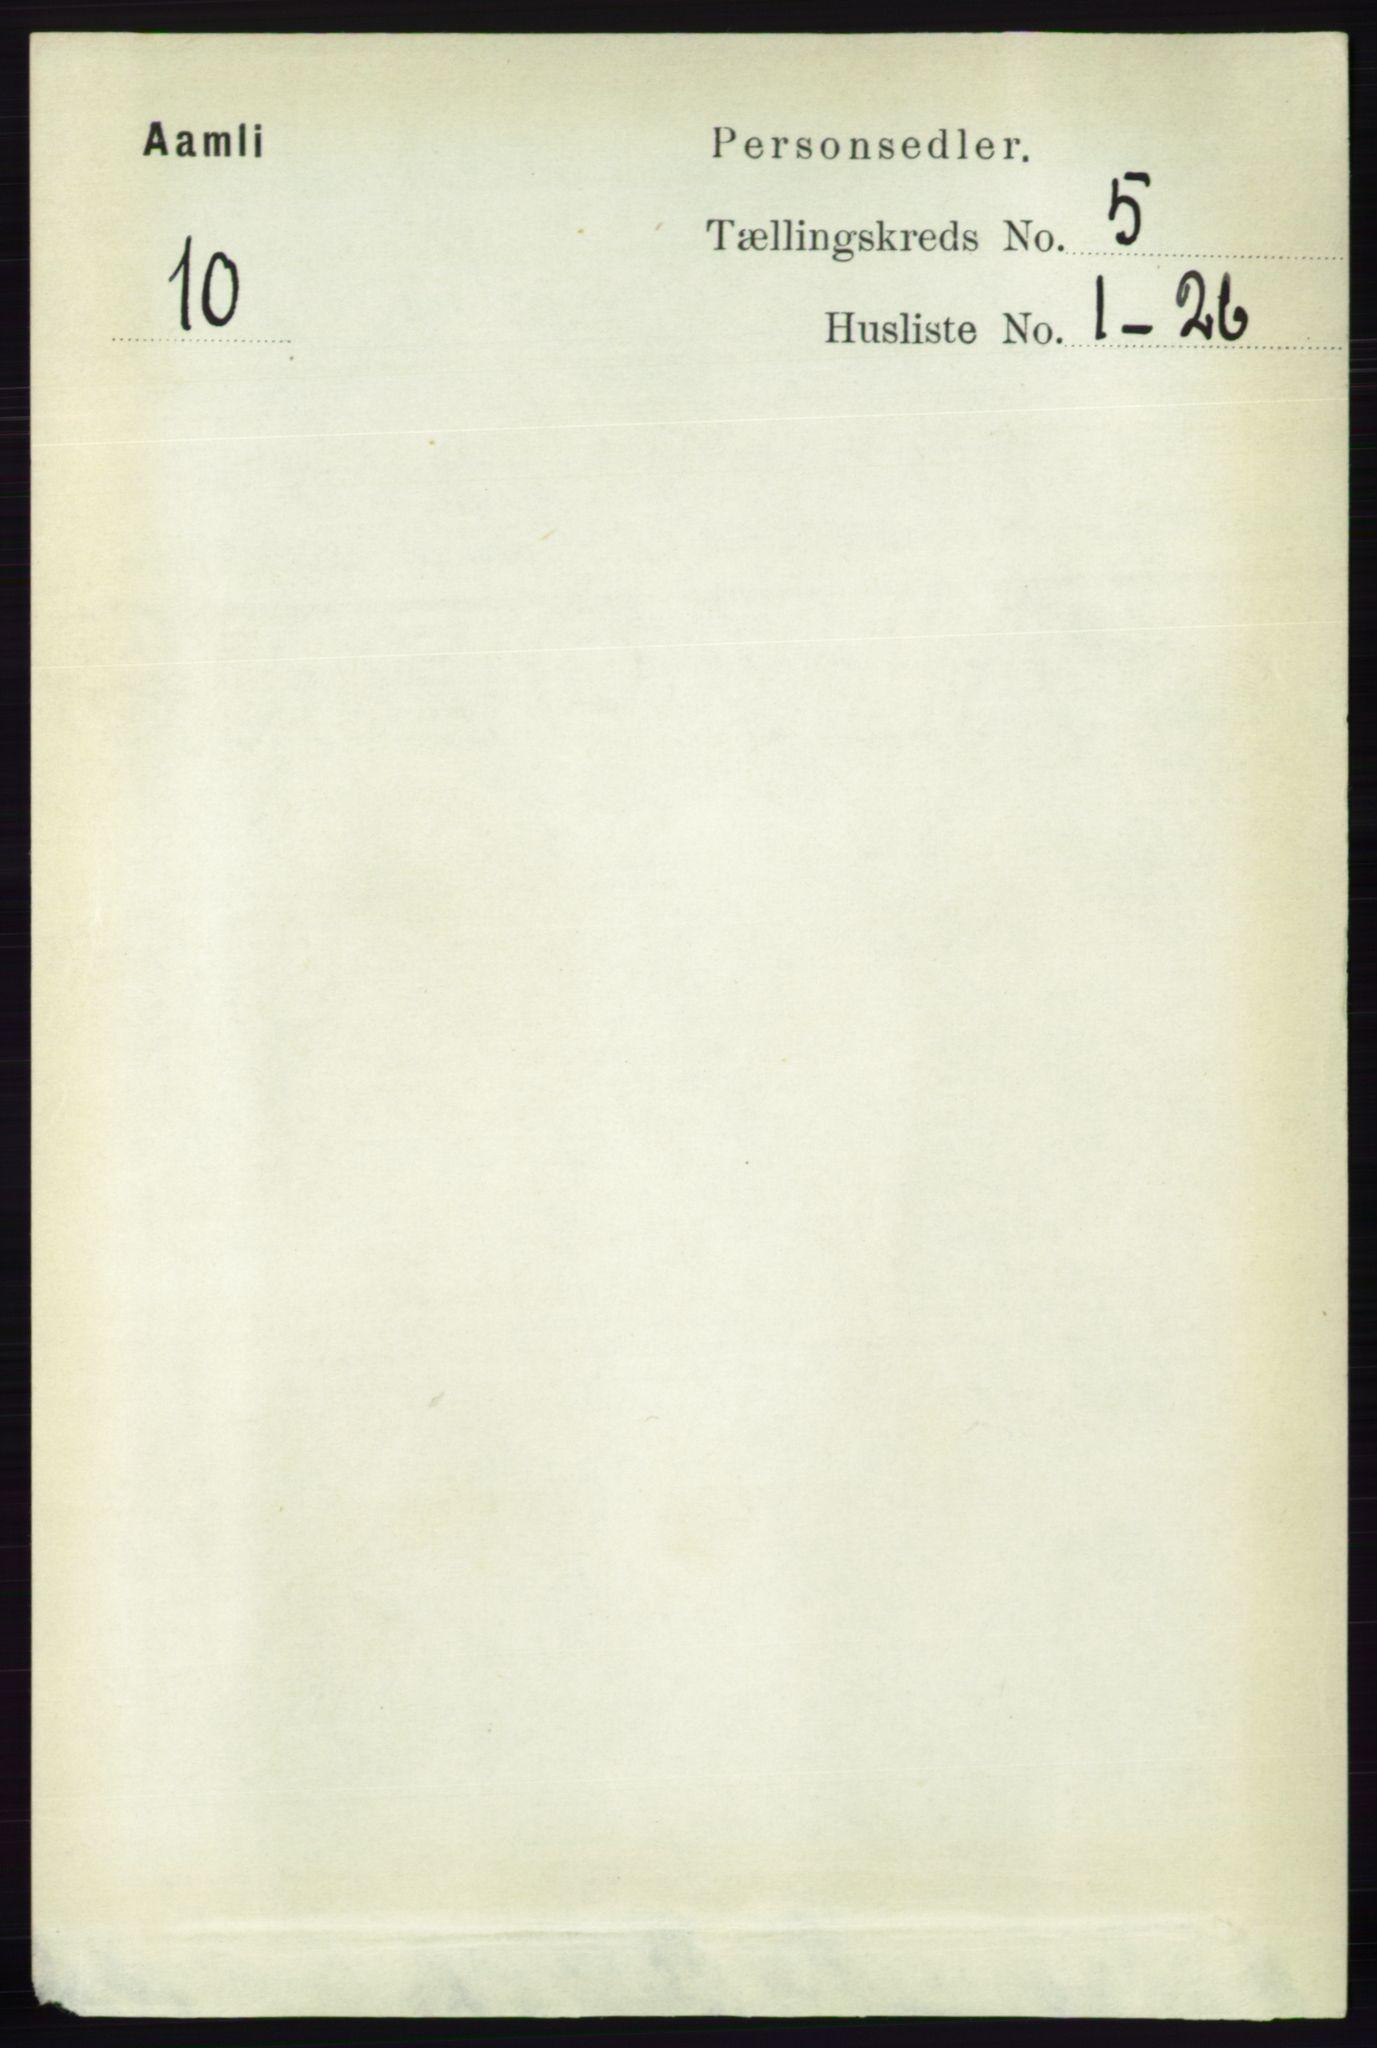 RA, Folketelling 1891 for 0929 Åmli herred, 1891, s. 673